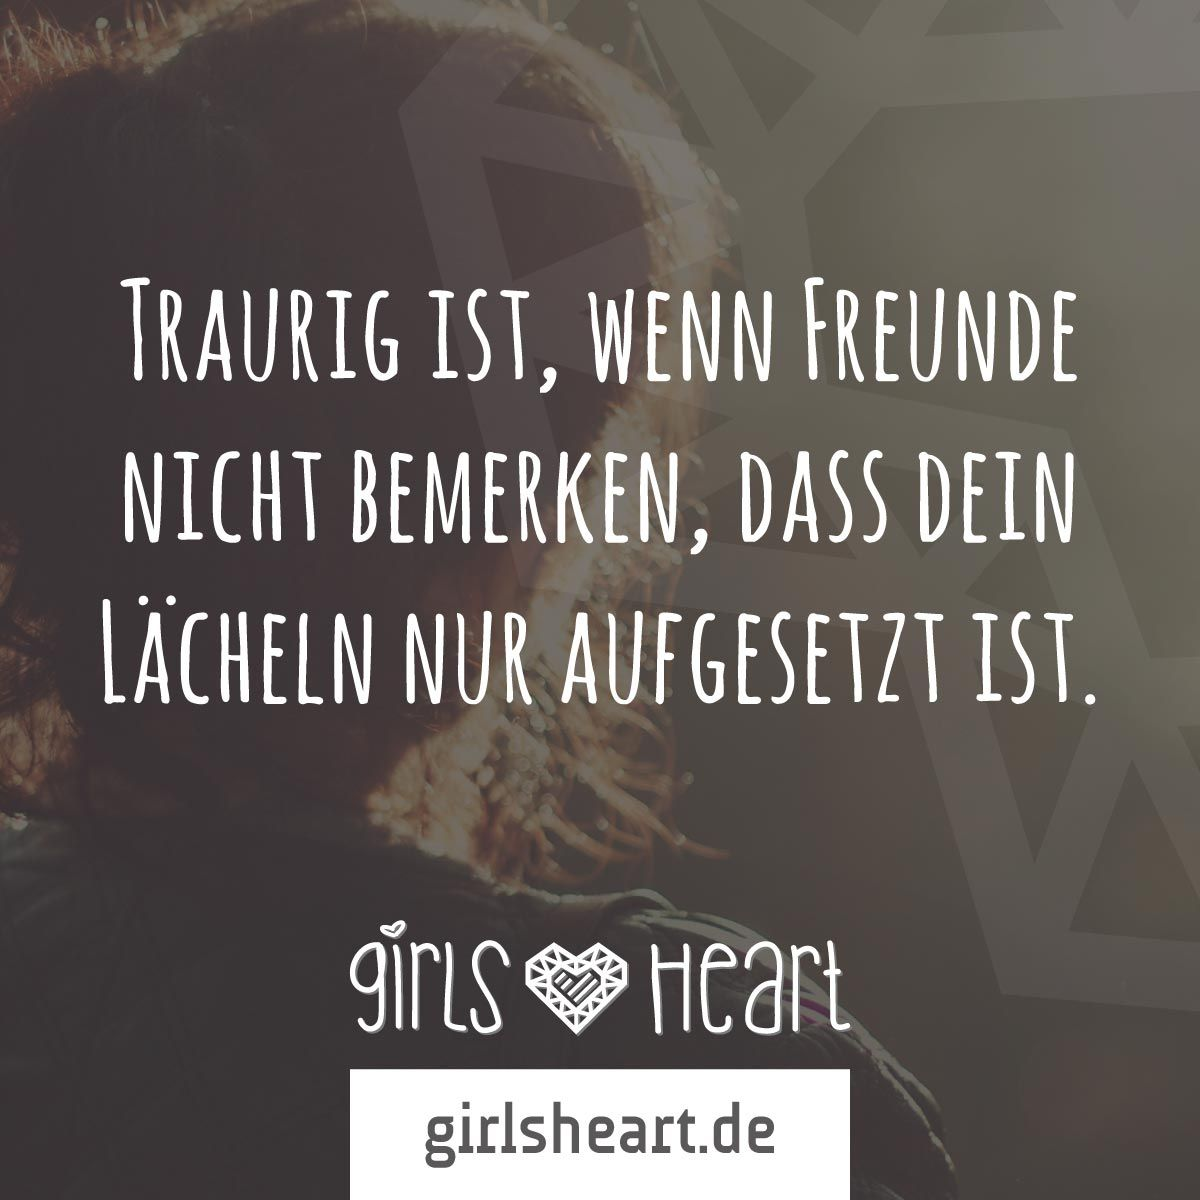 traurige sprüche über freundschaft Mehr Sprüche auf: .girlsheart.de #trauer #freunde #lächeln  traurige sprüche über freundschaft